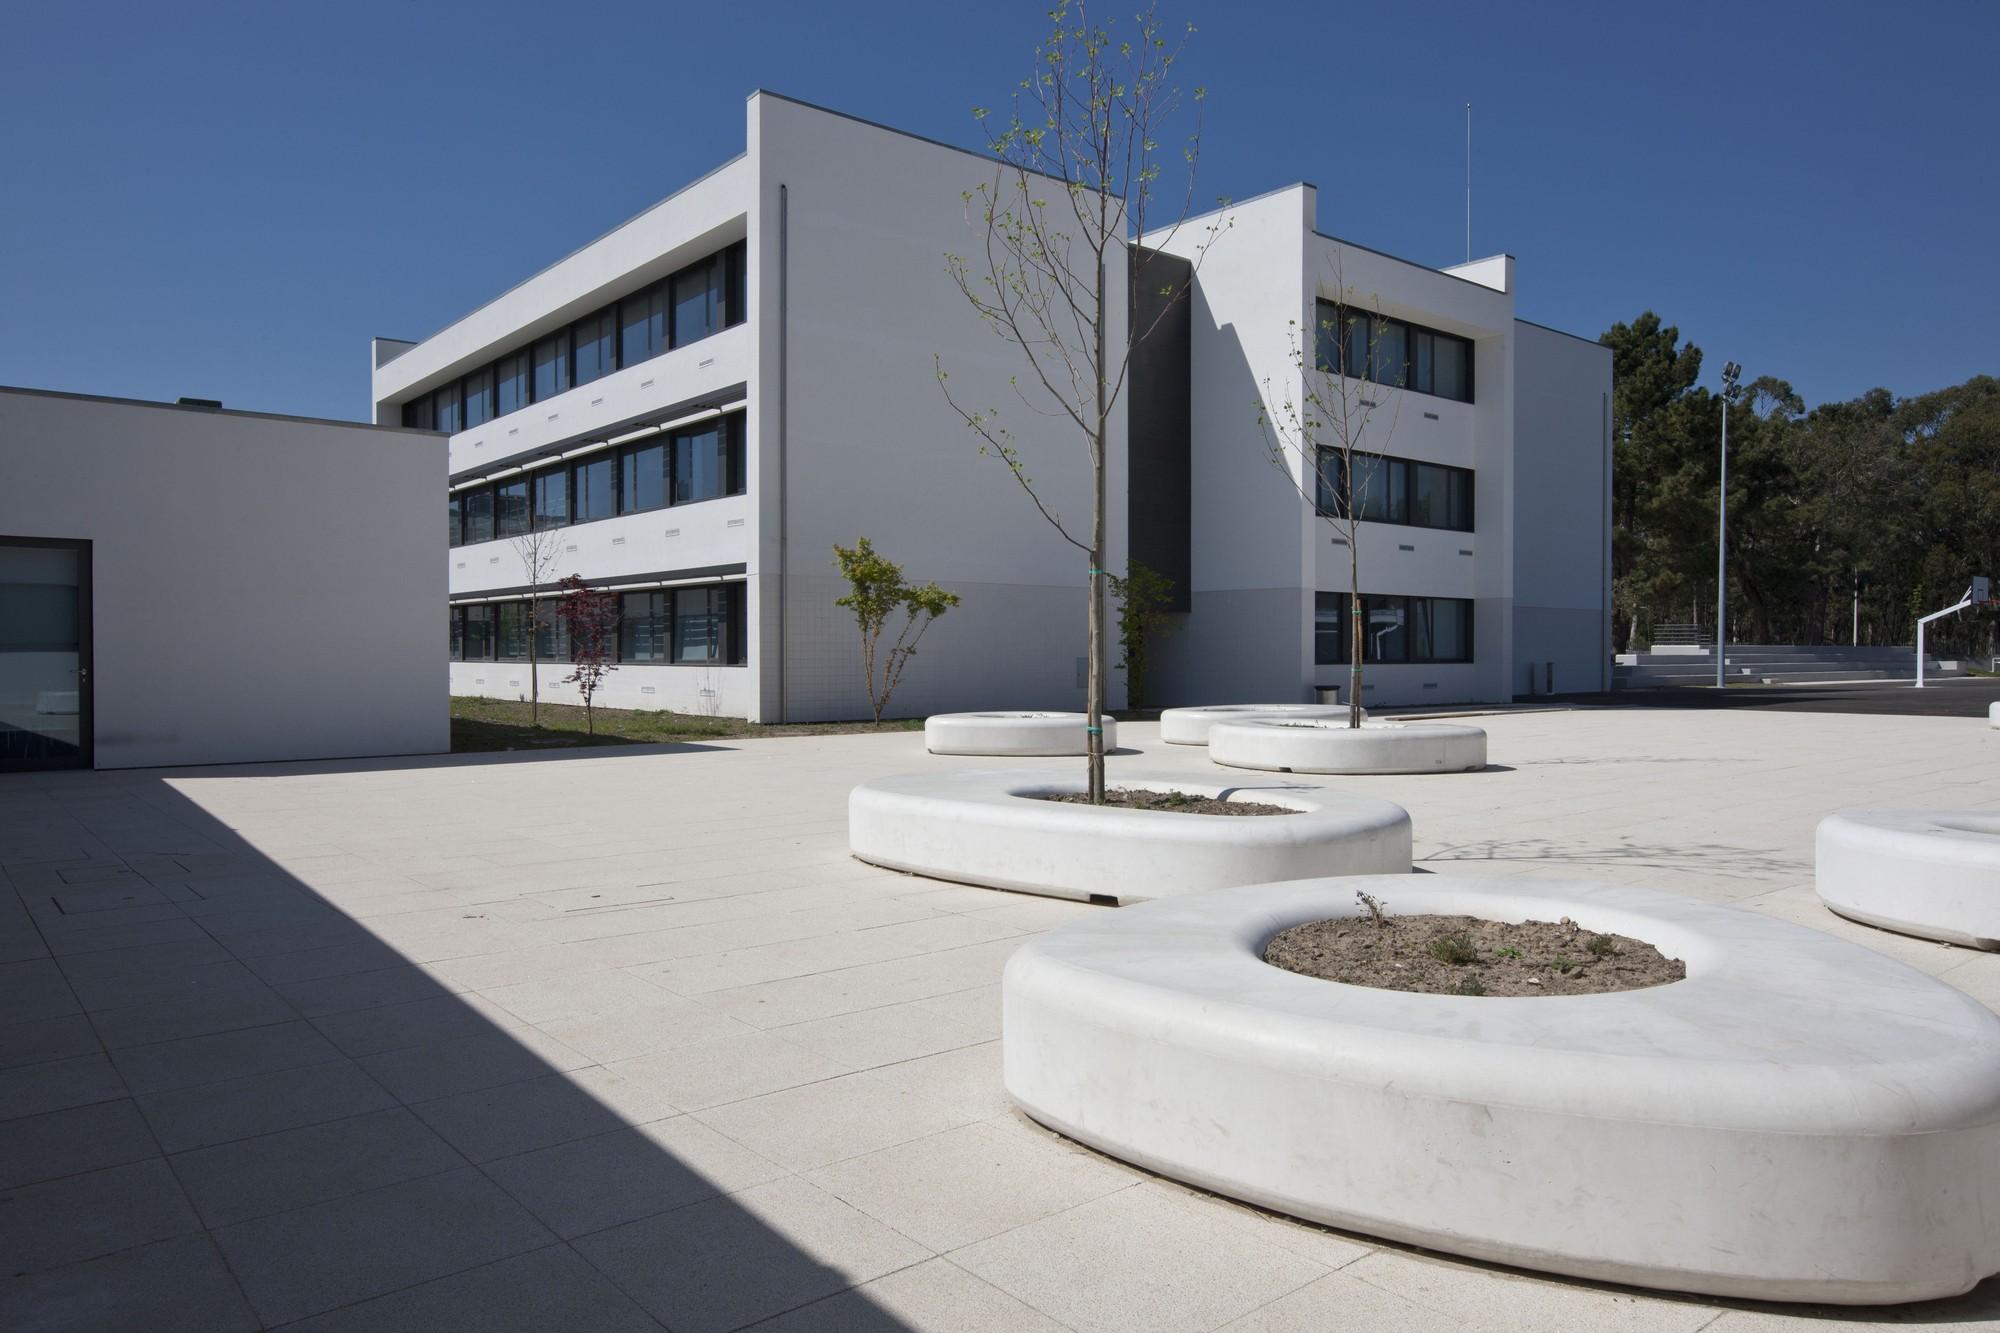 Escola Secundária JOSÉ MACEDO FRAGATEIRO / Atelier d'Arquitectura J. A. Lopes da Costa, © Manuel Aguiar